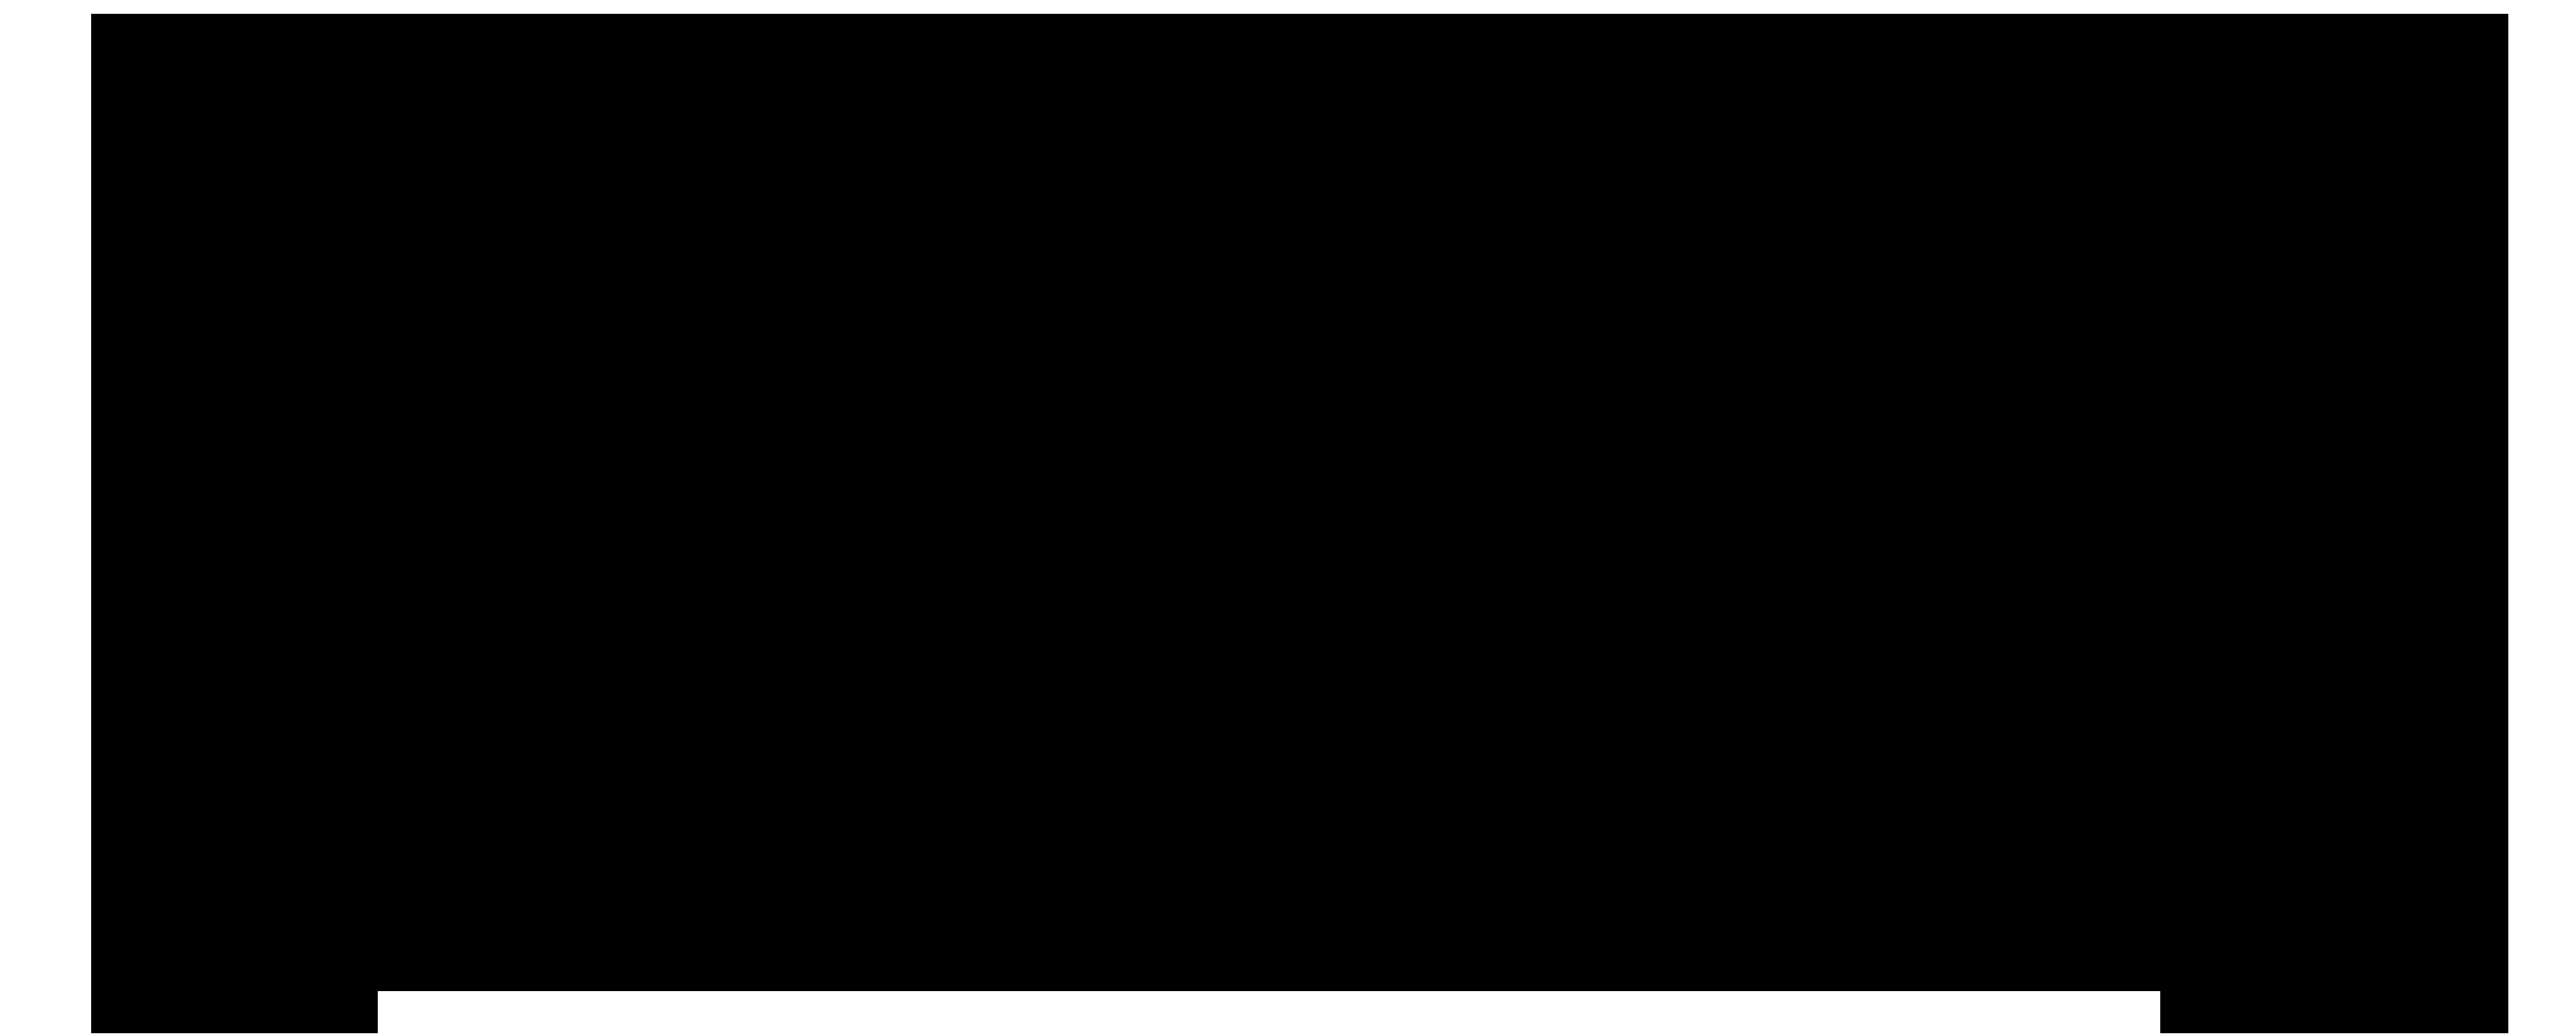 Spalding – Logos Download